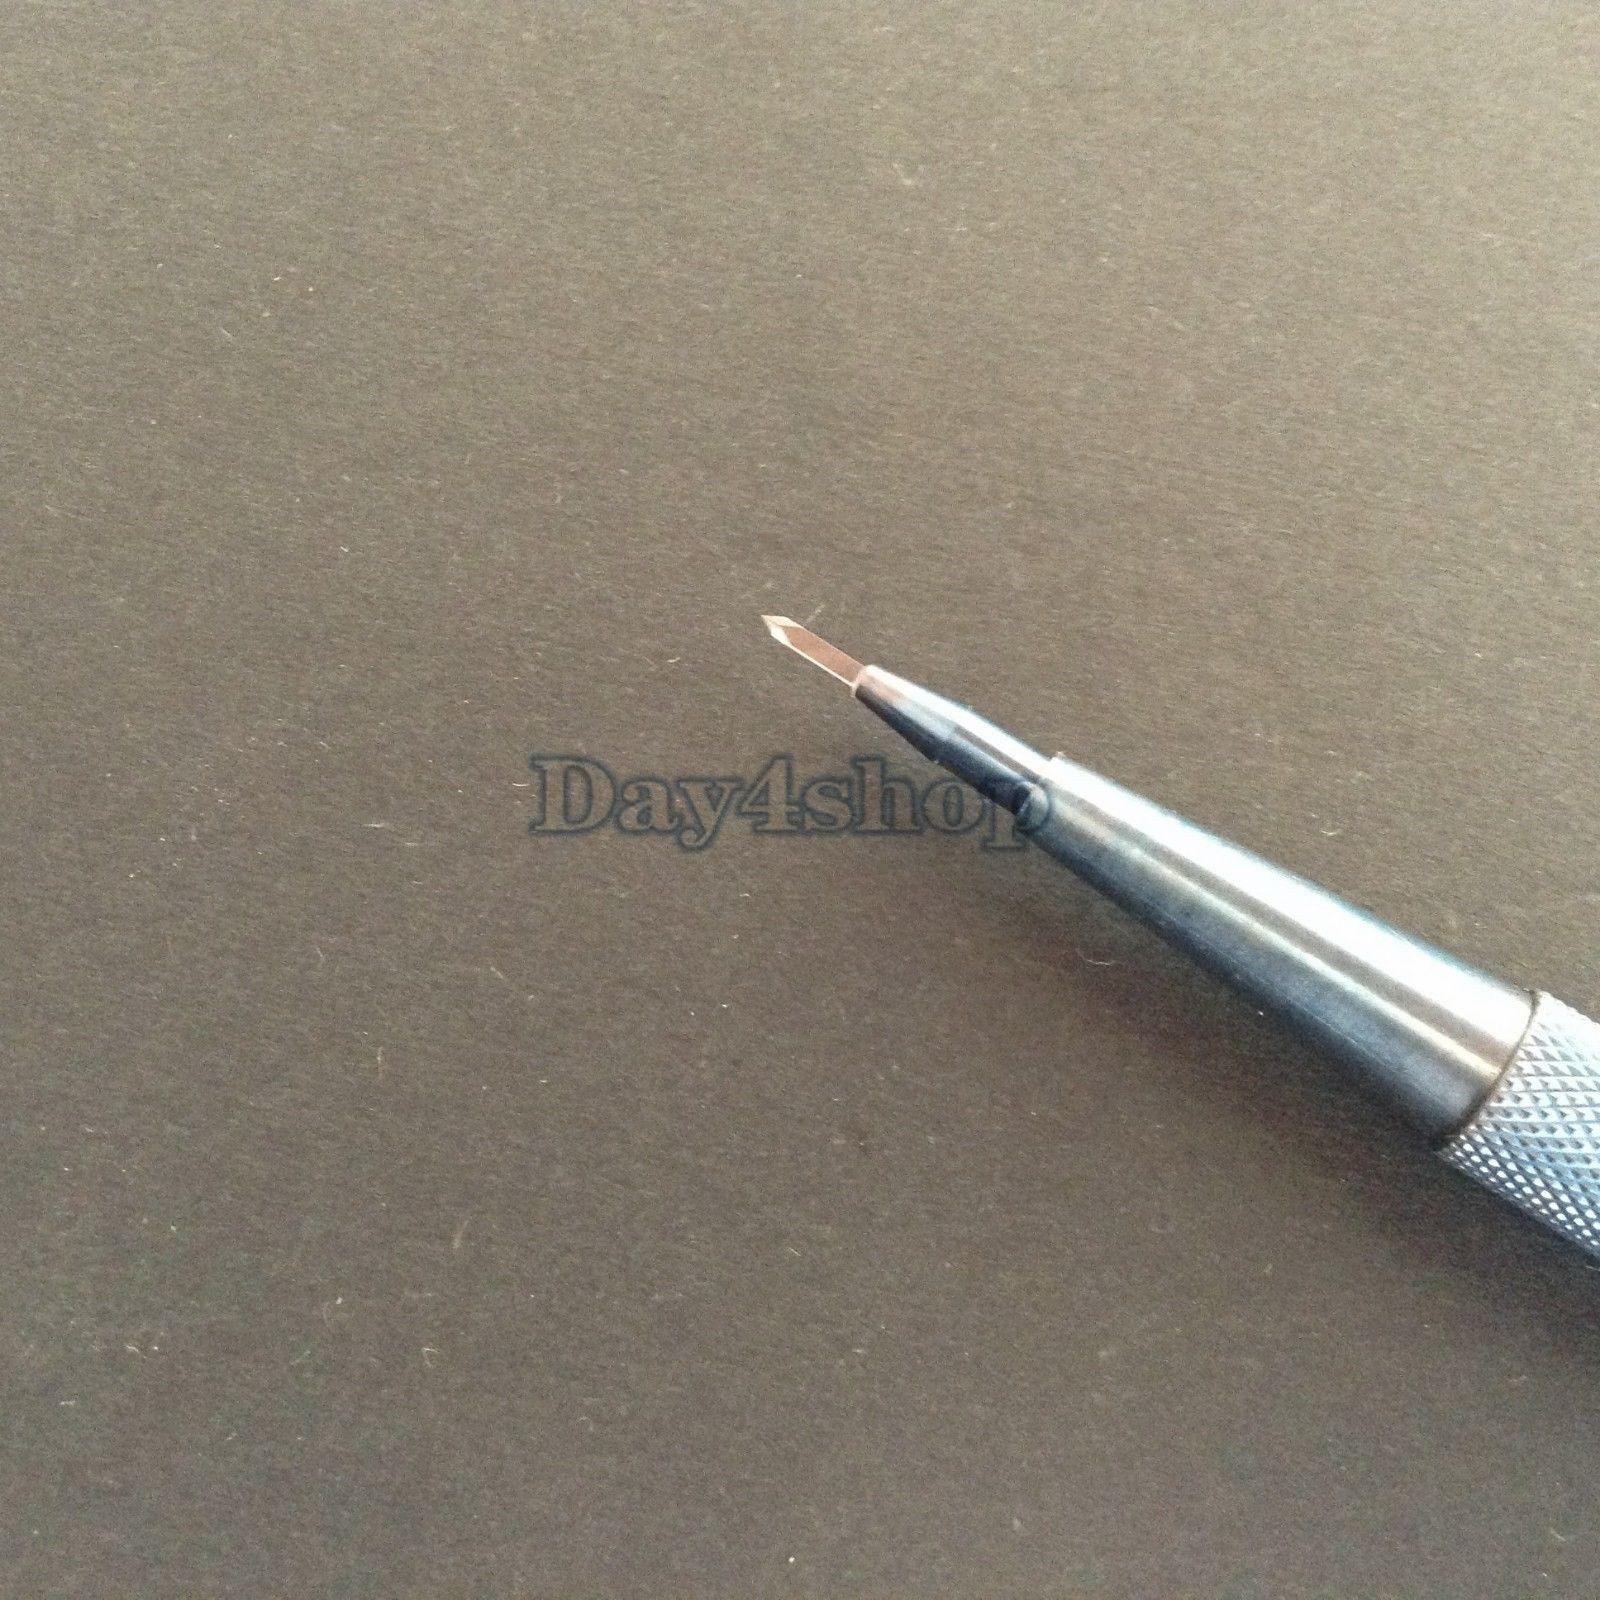 075mm lamina oftalmica safira faca facada incisao instrumento olho oftalmica 01